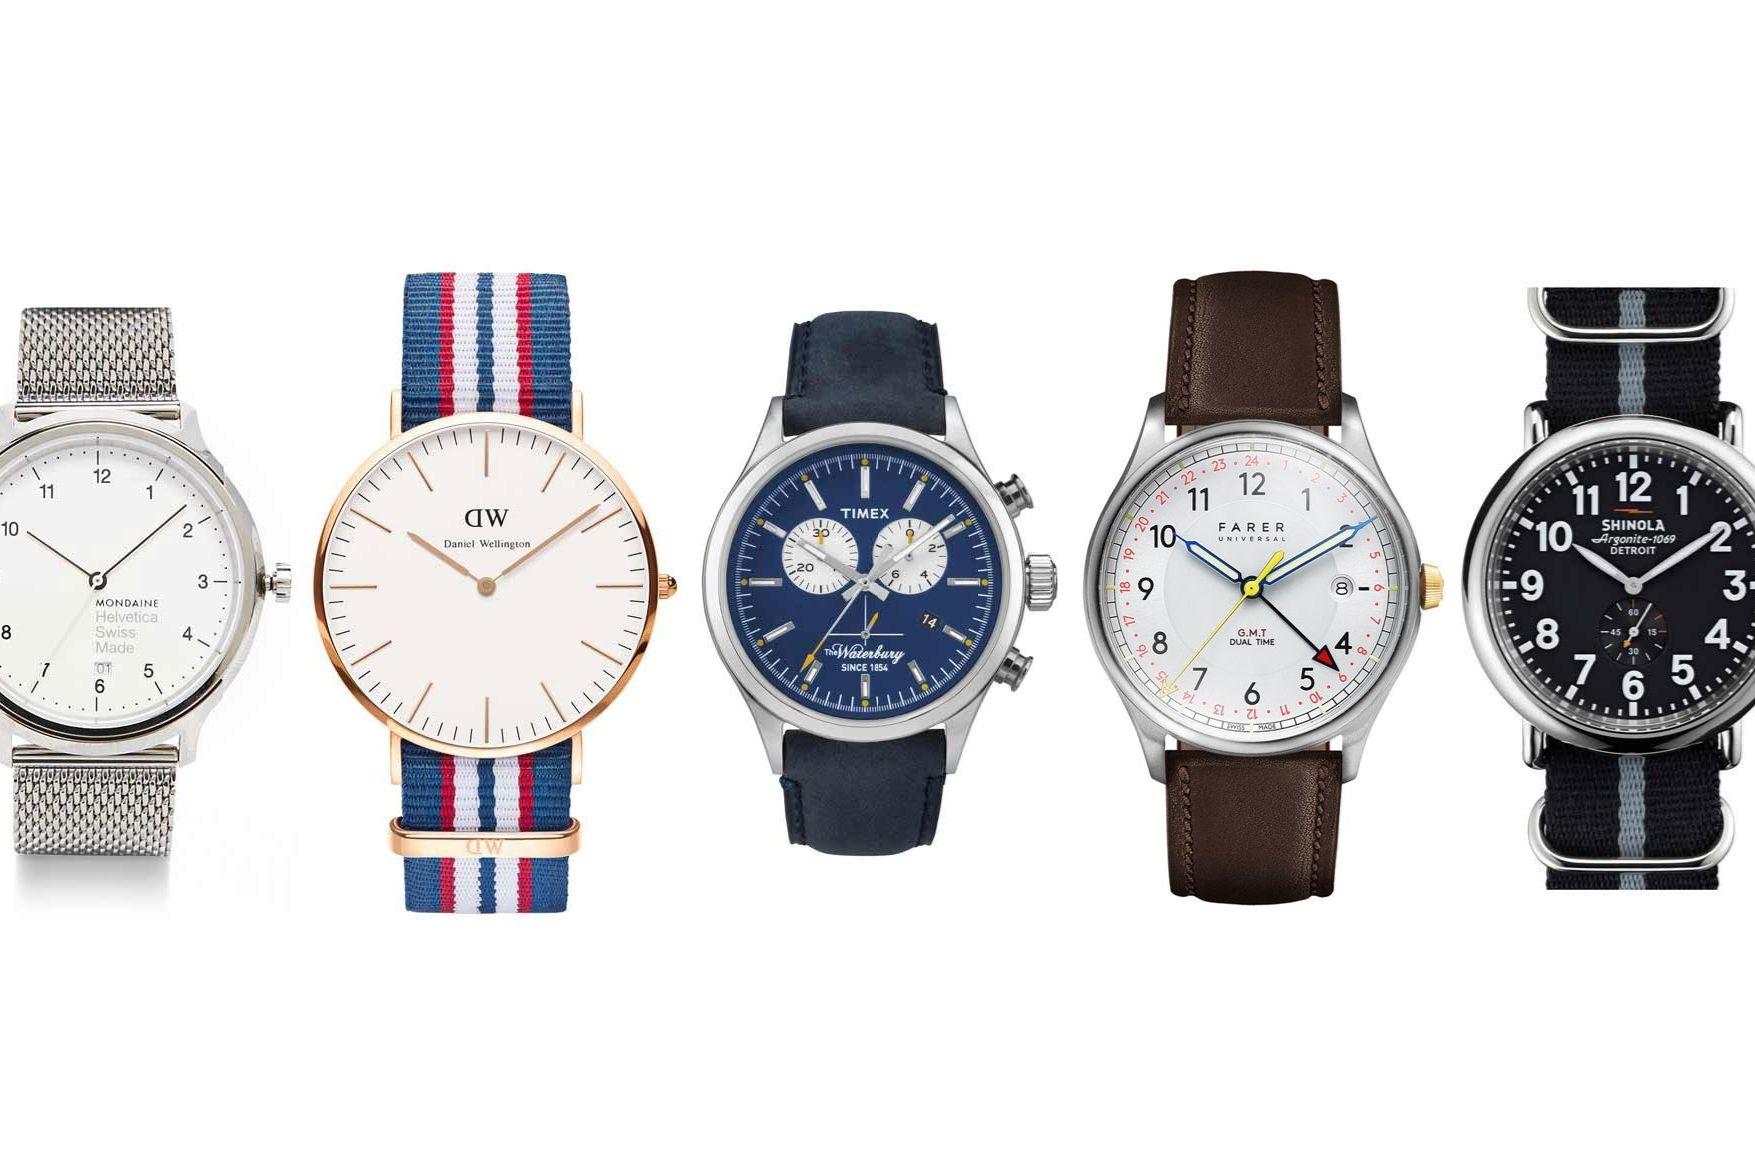 The best watches under £500